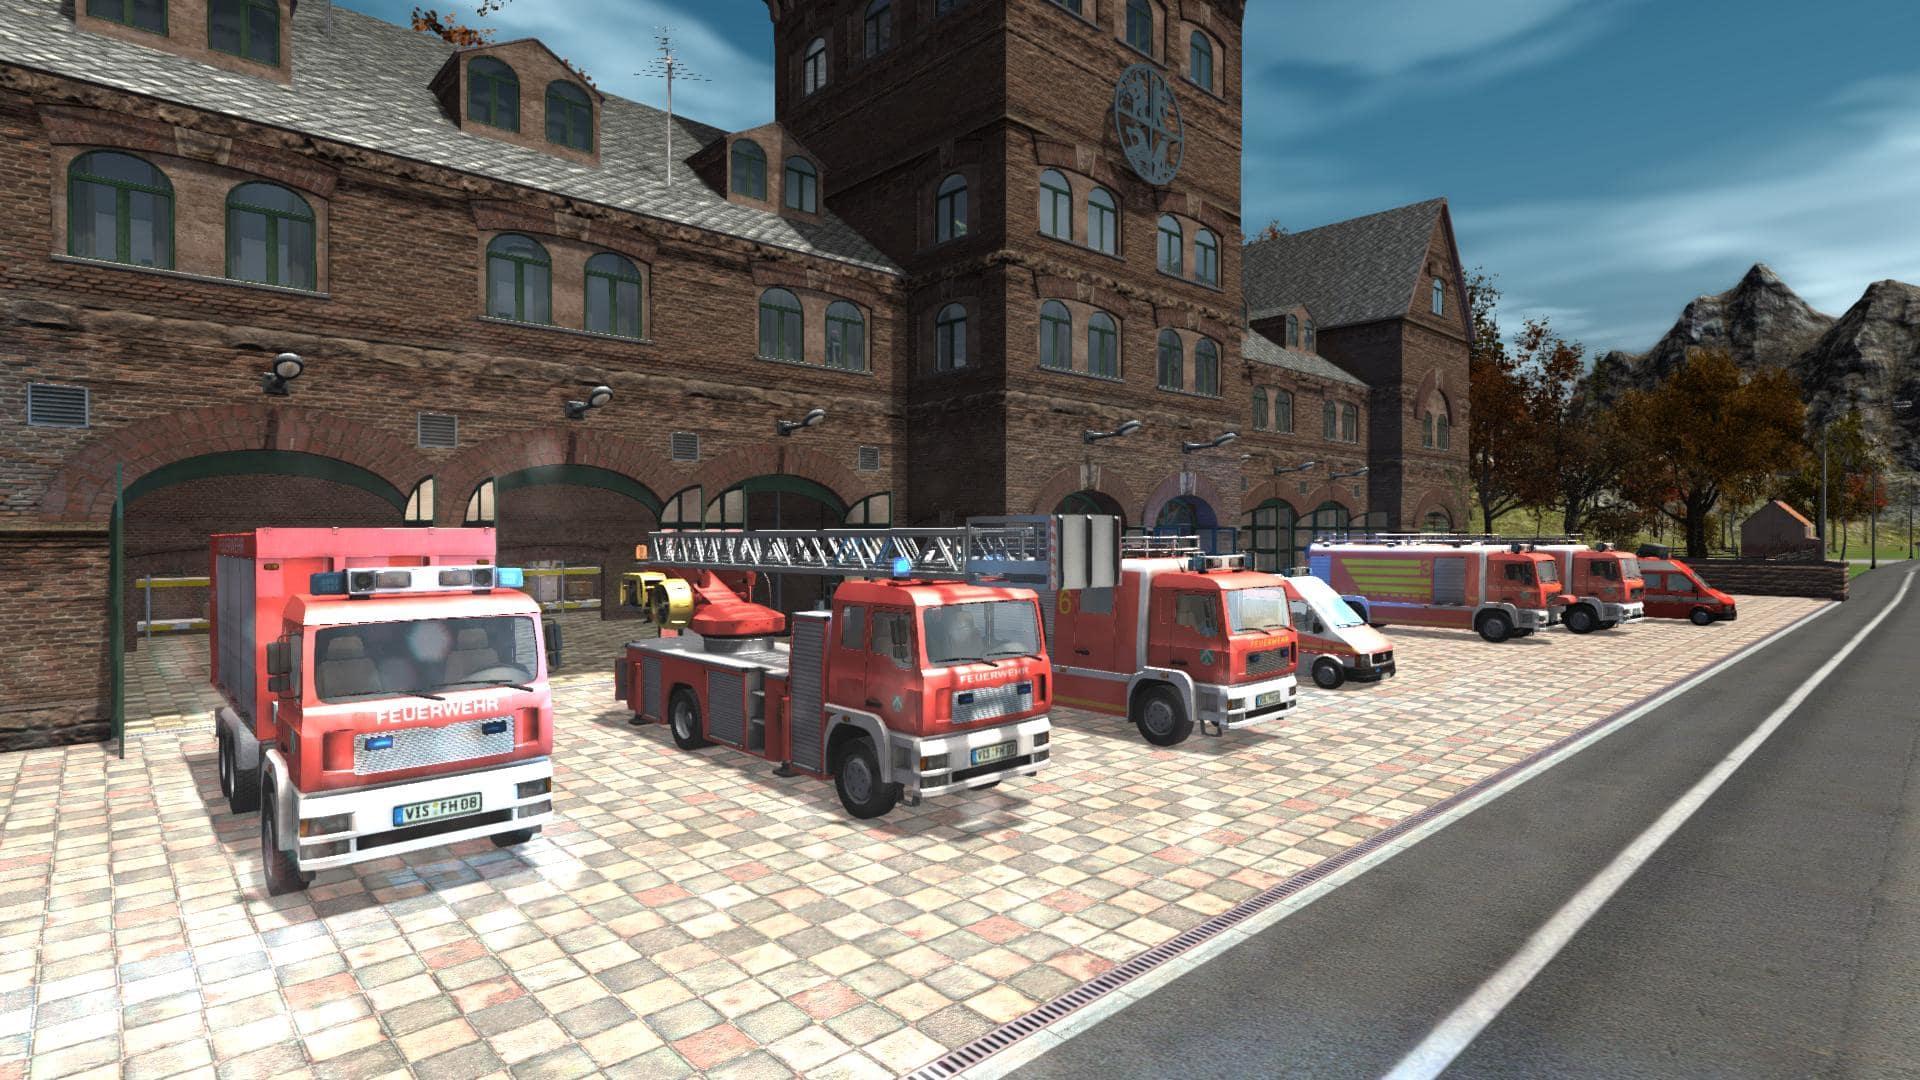 All Categories Livindebt Produk Ukm Bumn Rc Super Power Truck Type 2 Airport Firefighter Simulator Crack